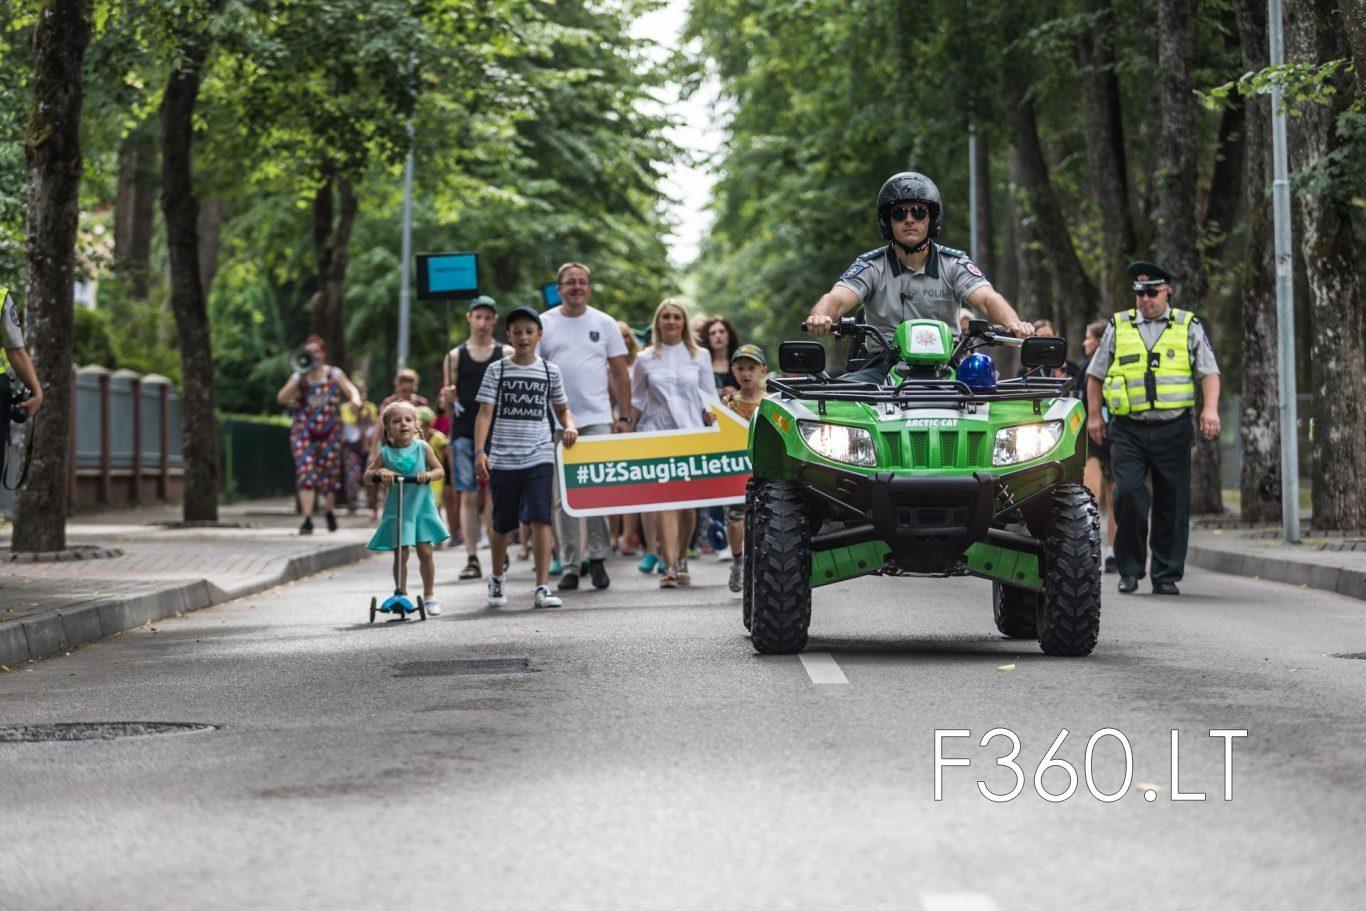 Re031 #uzsaugialietuva, Palanga. Miesto Svenciu Fotografavimas F360 Lt 3t4a5054